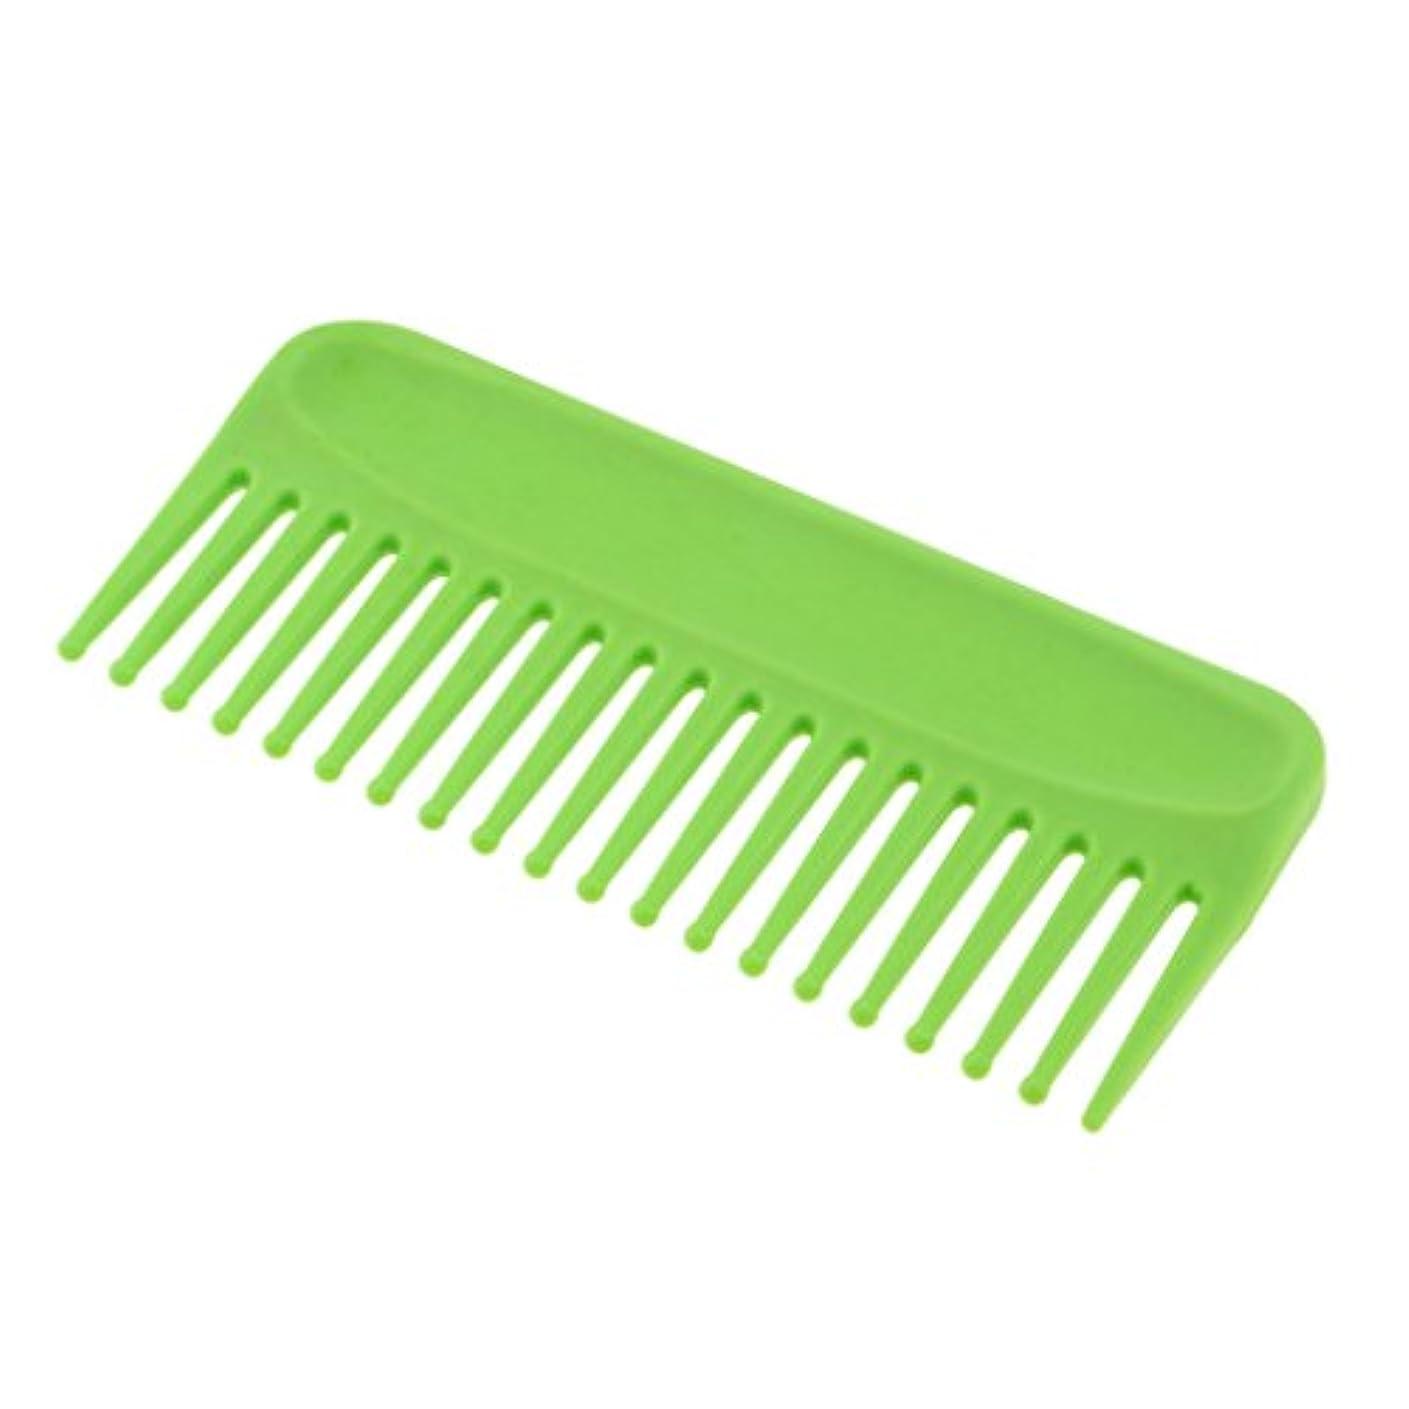 スマートワックスほぼヘアコーム コーム くし 頭皮 マッサージ 耐熱性 帯電防止 プラスチック性 ヘアスタイリング 4色選べる - 緑